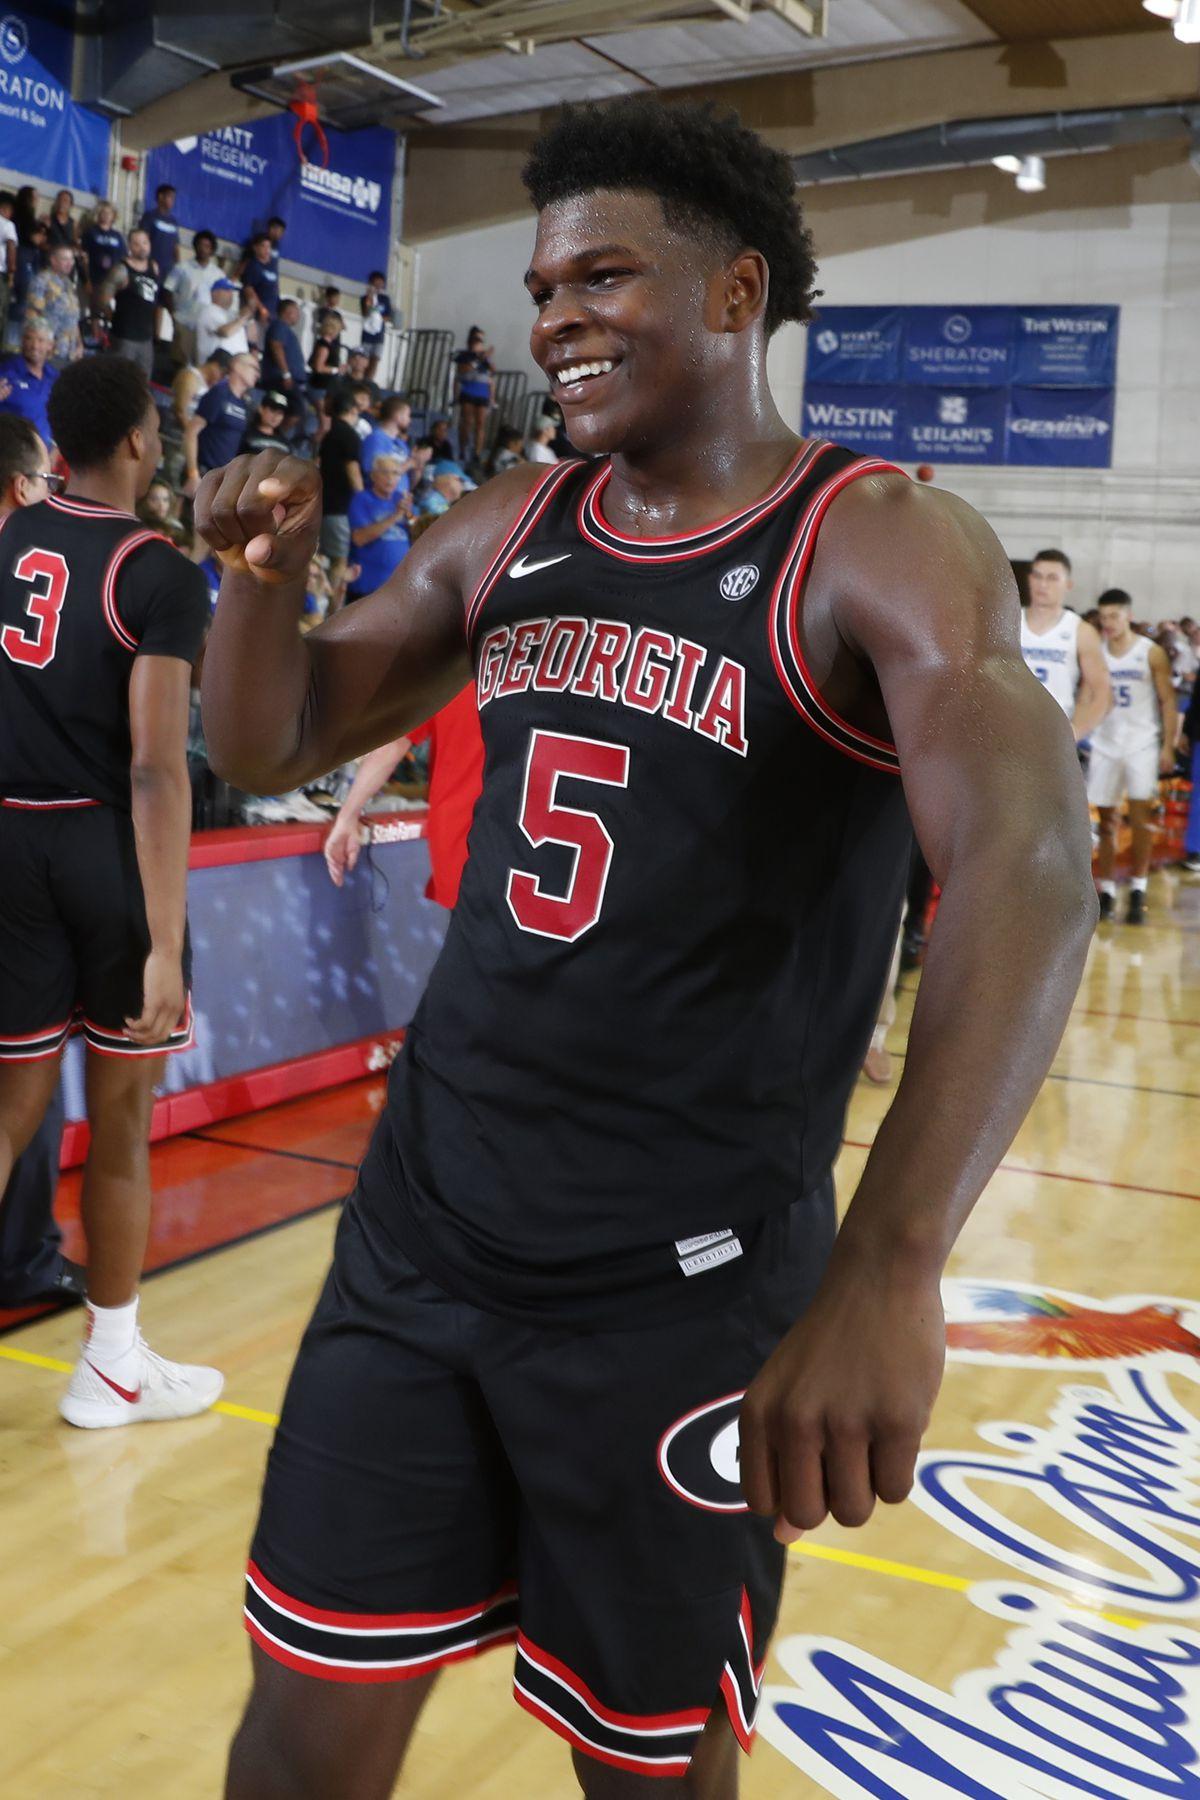 NCAA Basketball: Georgia at Chaminade